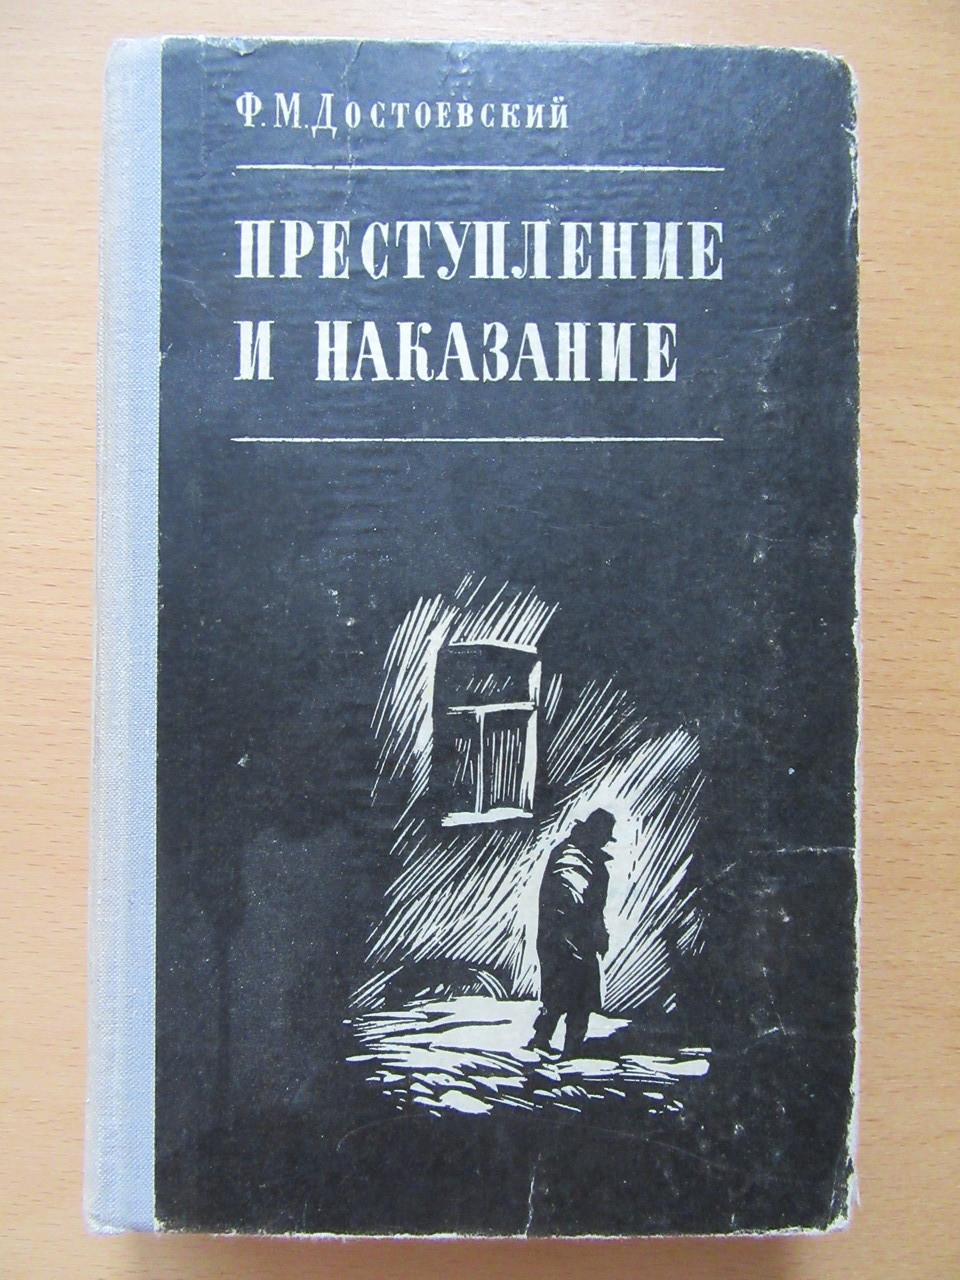 Ф.М.Достоевский. Преступление и наказание. 1969г